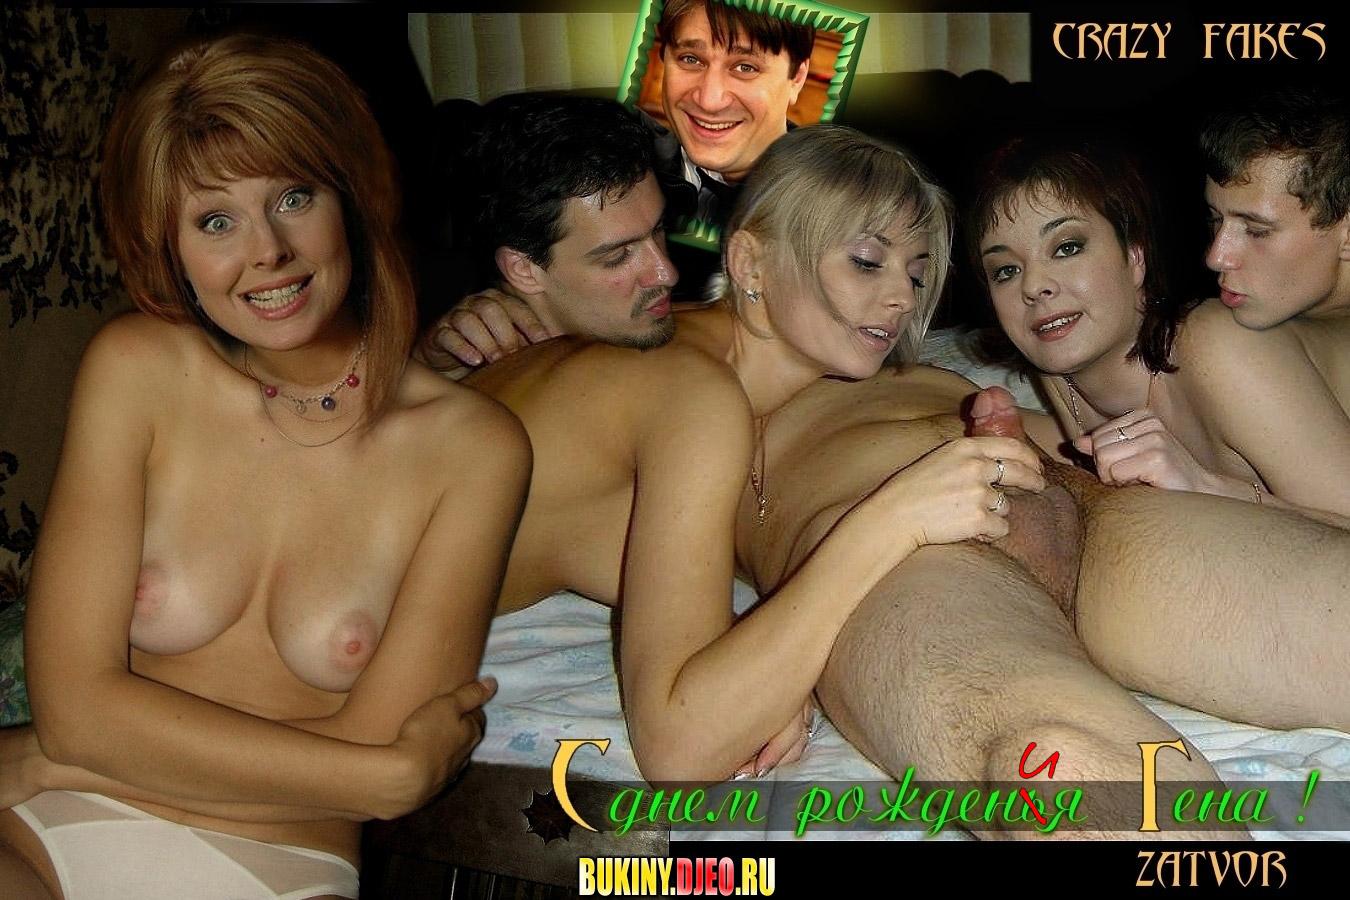 Секс с букинми 7 фотография